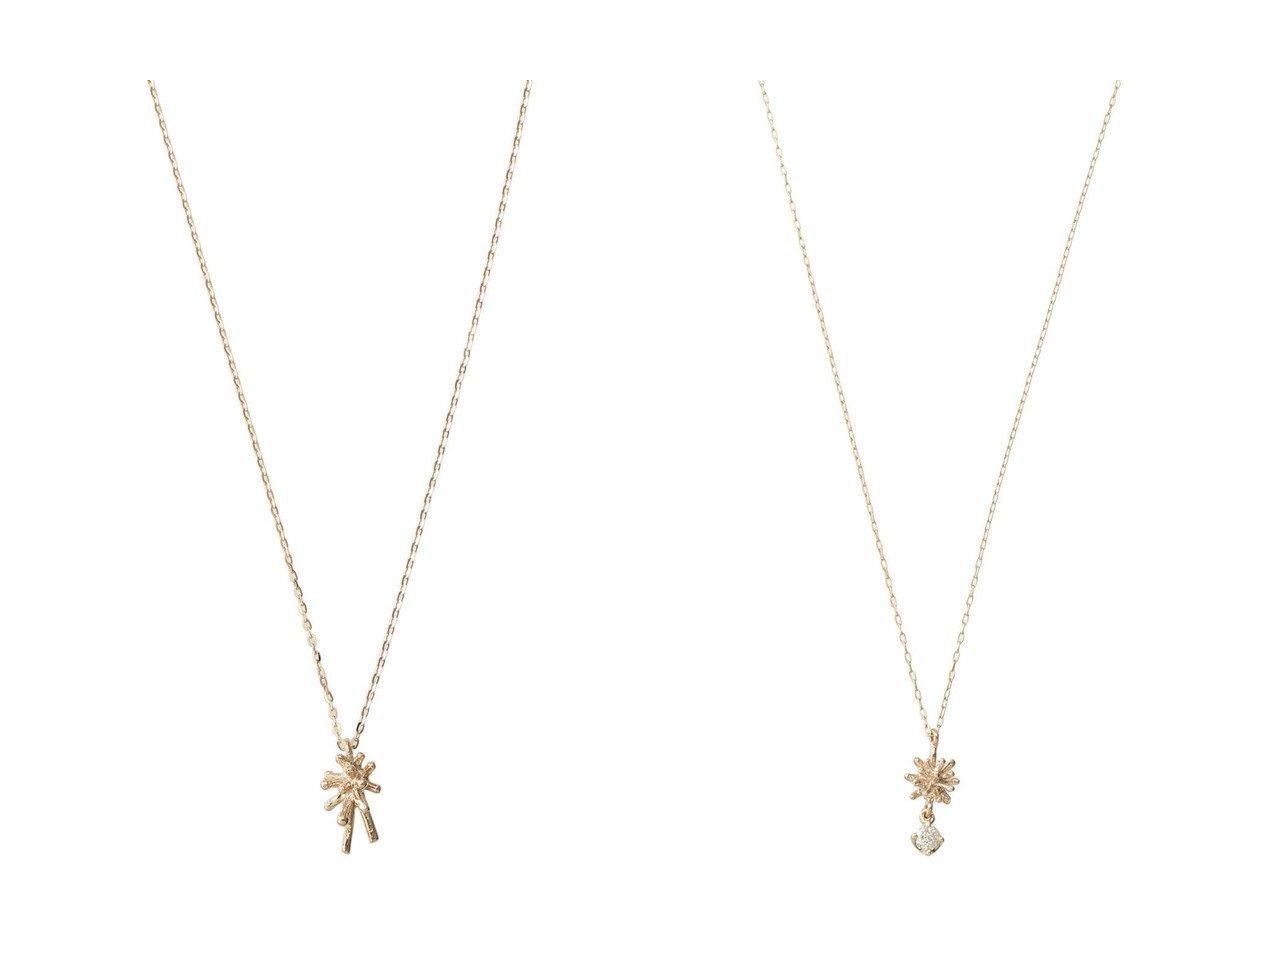 【KAORU/カオル】のSTARDUST K10ゴールド×ダイヤモンド ネックレス&STARDUST ゴールド ネックレス アクセサリー・ジュエリーのおすすめ!人気、レディースファッションの通販 おすすめで人気のファッション通販商品 インテリア・家具・キッズファッション・メンズファッション・レディースファッション・服の通販 founy(ファニー) https://founy.com/ ファッション Fashion レディース WOMEN ジュエリー Jewelry ネックレス Necklaces エレガント クール コレクション ネックレス モチーフ スペシャル ダイヤモンド |ID:crp329100000003819